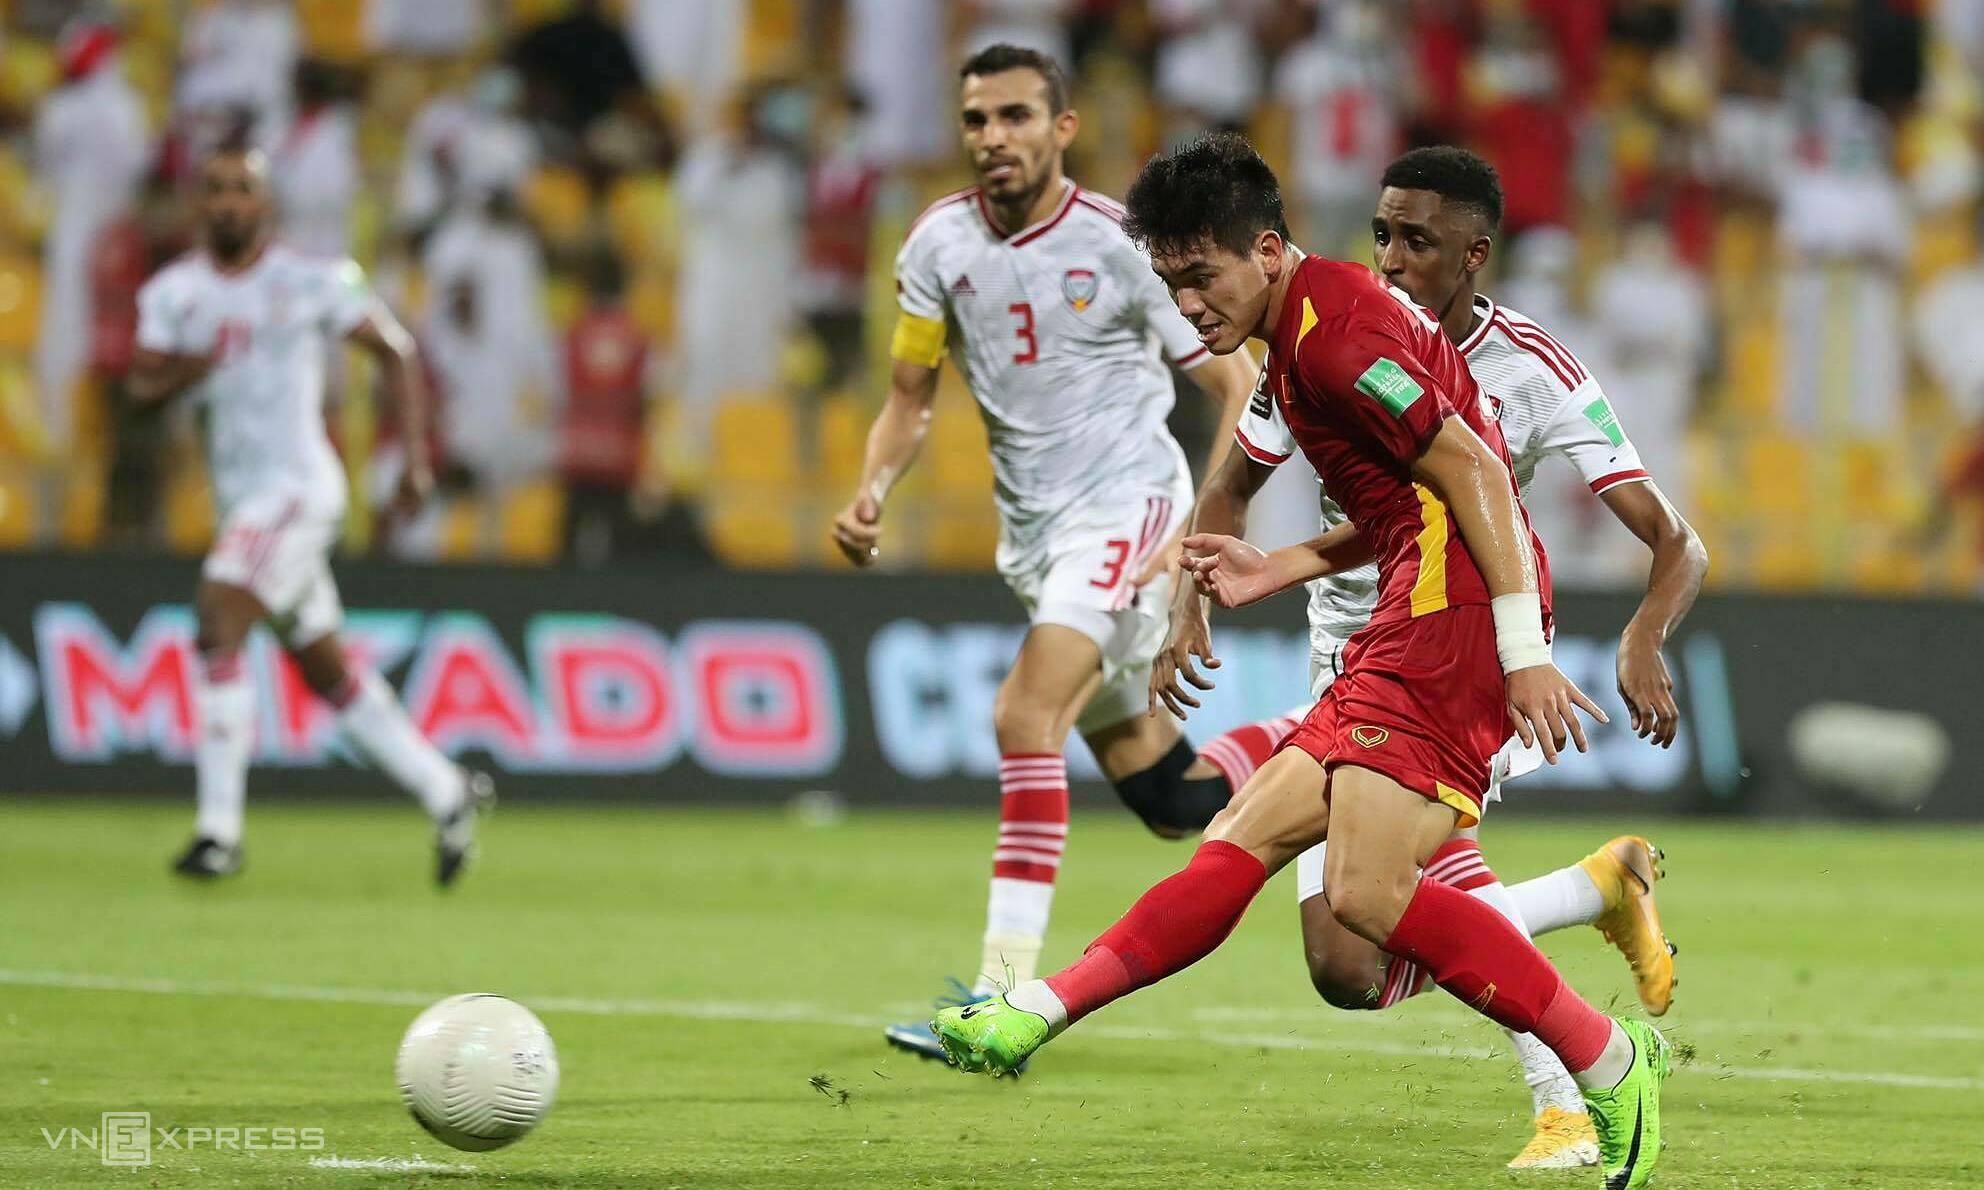 Tiến Linh trong pha ghi bàn rút ngắn tỷ số còn 1-2 cho tuyển Việt Nam trong trận thua UAE 2-3 hôm 15/6. Ảnh: Lâm Thoả